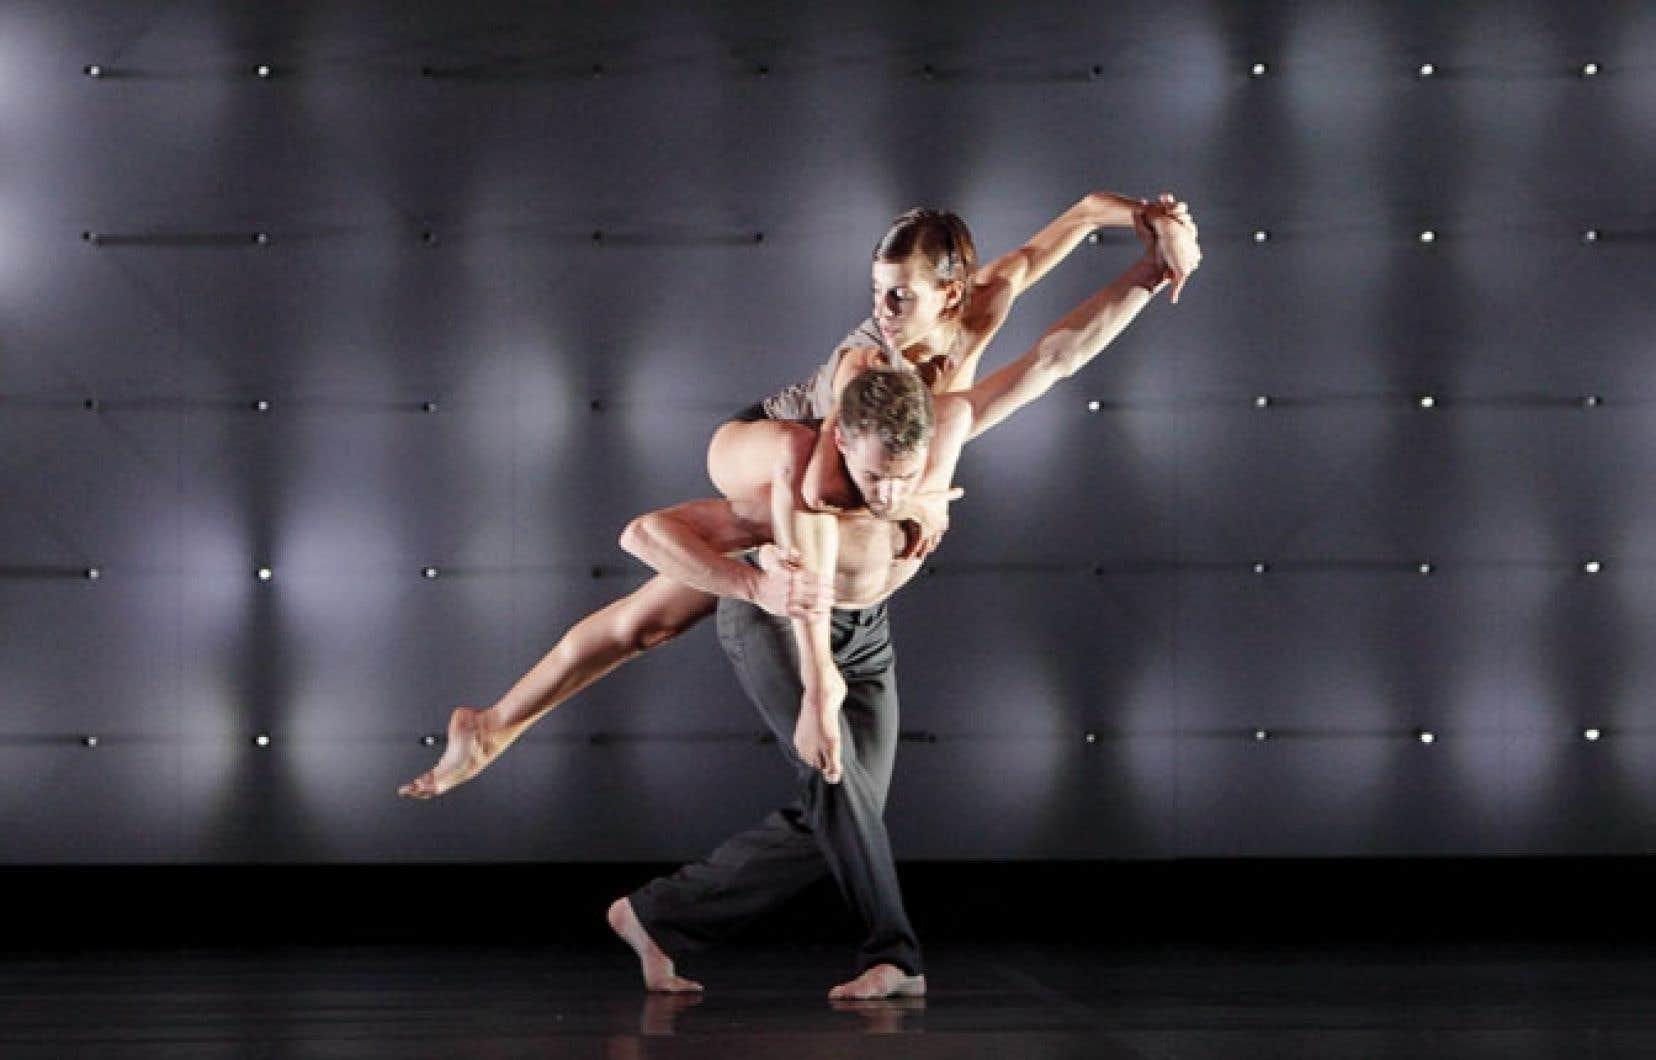 Le chorégraphe Wayne McGregor conçoit ses œuvres en étroite collaboration avec les danseurs et les concepteurs de son et de lumière. Pour FAR, pièce pour dix danseurs, un panneau truffé de 3000 ampoules LED constitue la scénographie, signée Lucy Carter.